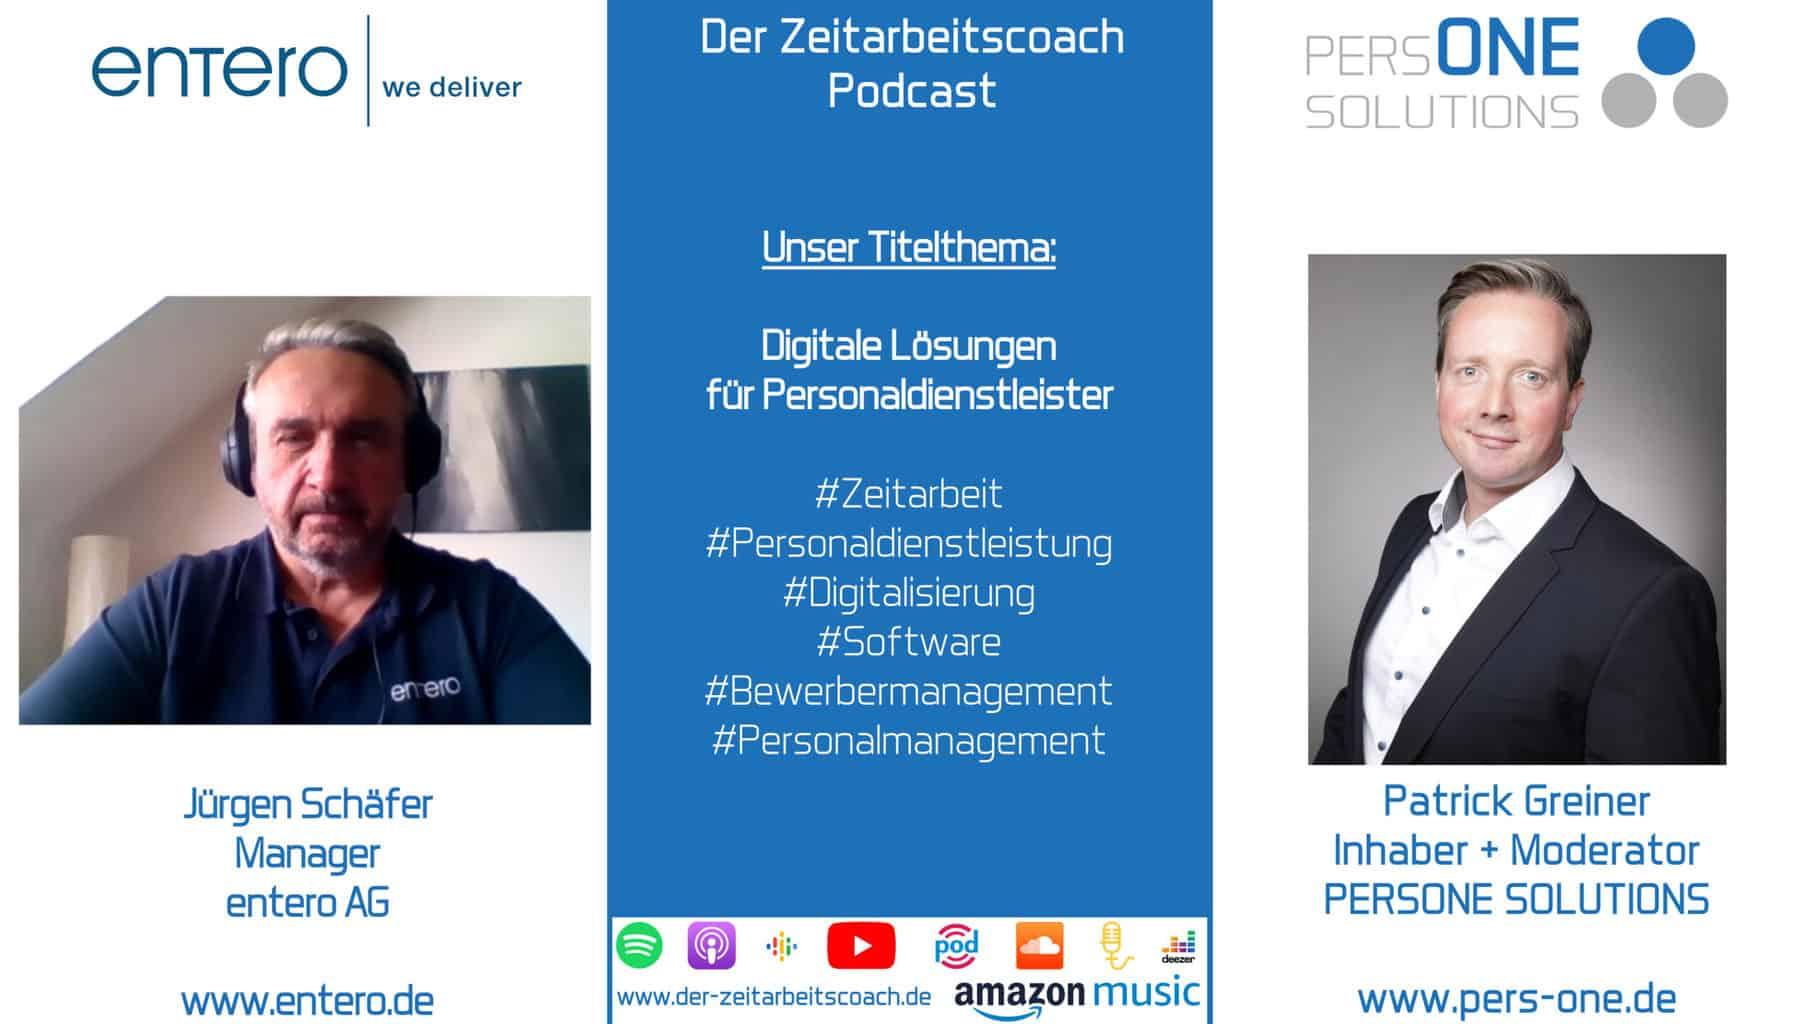 Schäfer, Jürgen, entero AG_YT Grafik_Zeitarbeitscoach Podcast